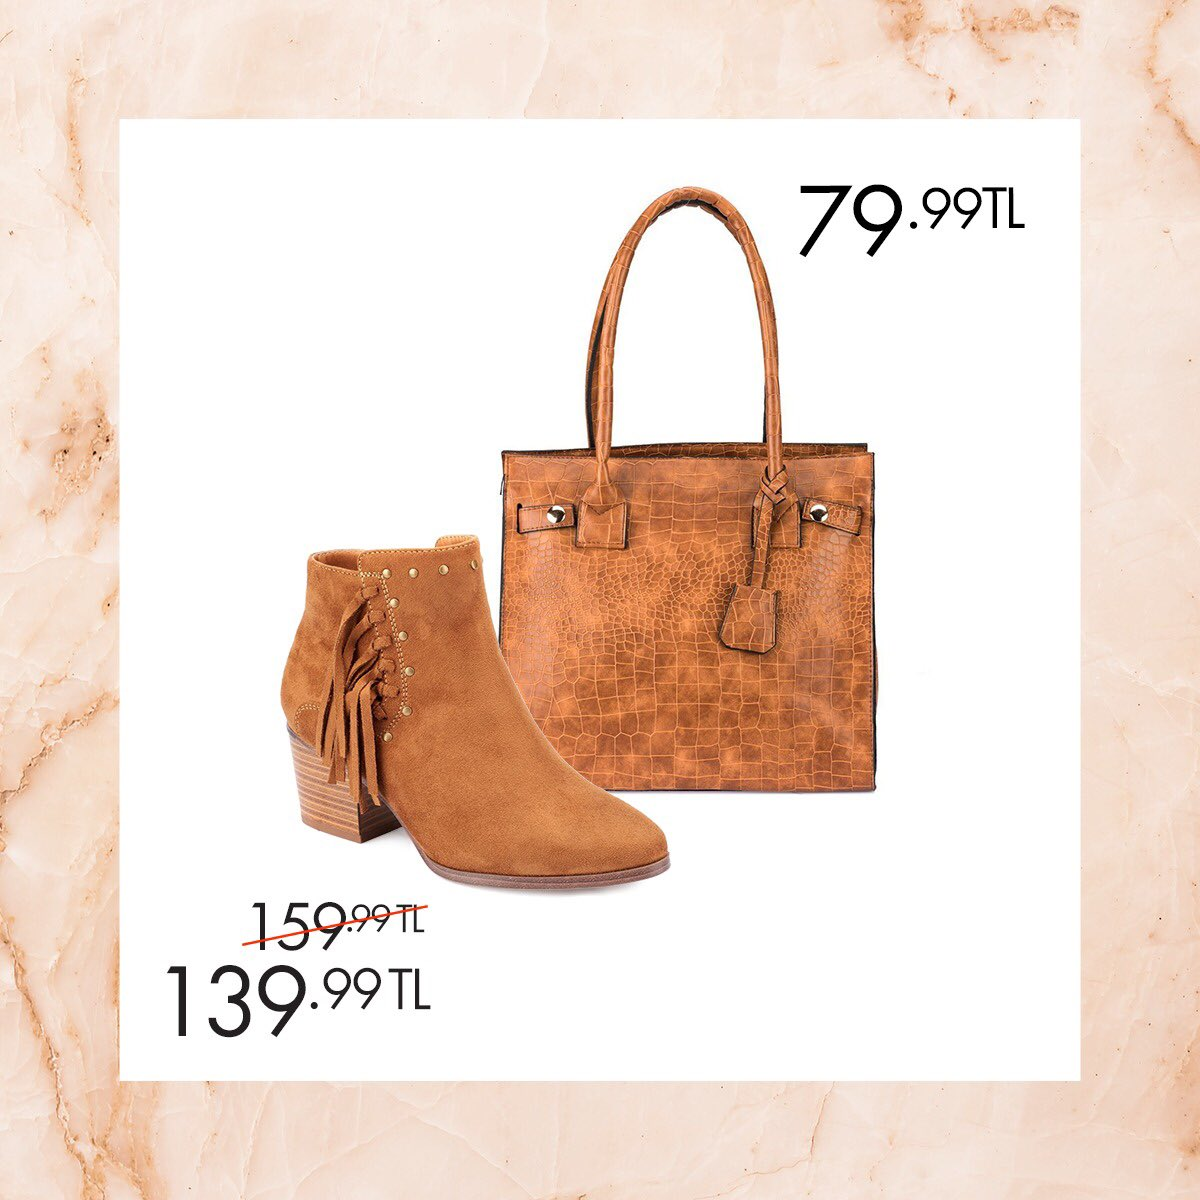 Midi boy elbiselerinizin tamamlayıcısı olacak ayakkabı ve çantalarla şık bir görünüm kazanın! Taba Kadın Bot 36-40 Numara 139,99 TL 🔎 100335526 http://bit.ly/2AxP5qk Taba Kadın Omuz Çantası 79,99 TL 🔎 100337454 http://bit.ly/1ojnlee